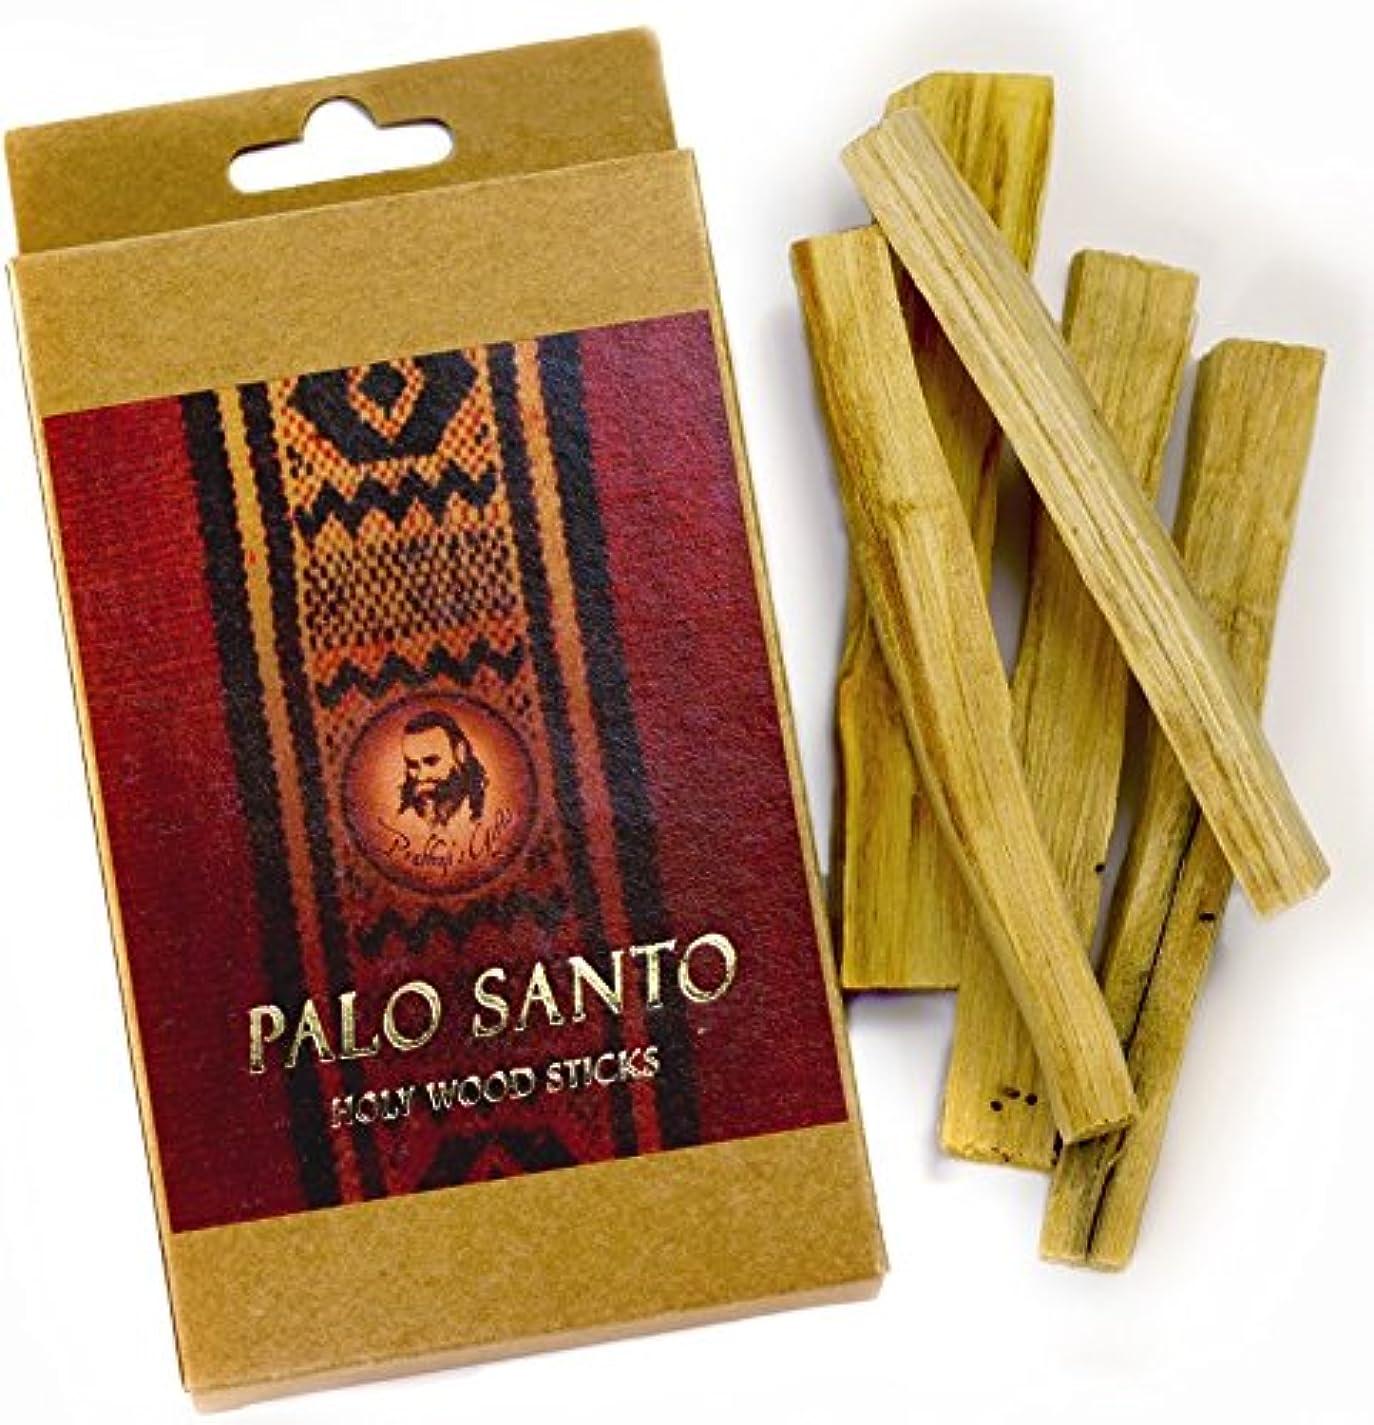 不名誉常識スイPalo Santo Raw Incense木製 – 標準 – 5 Sticks